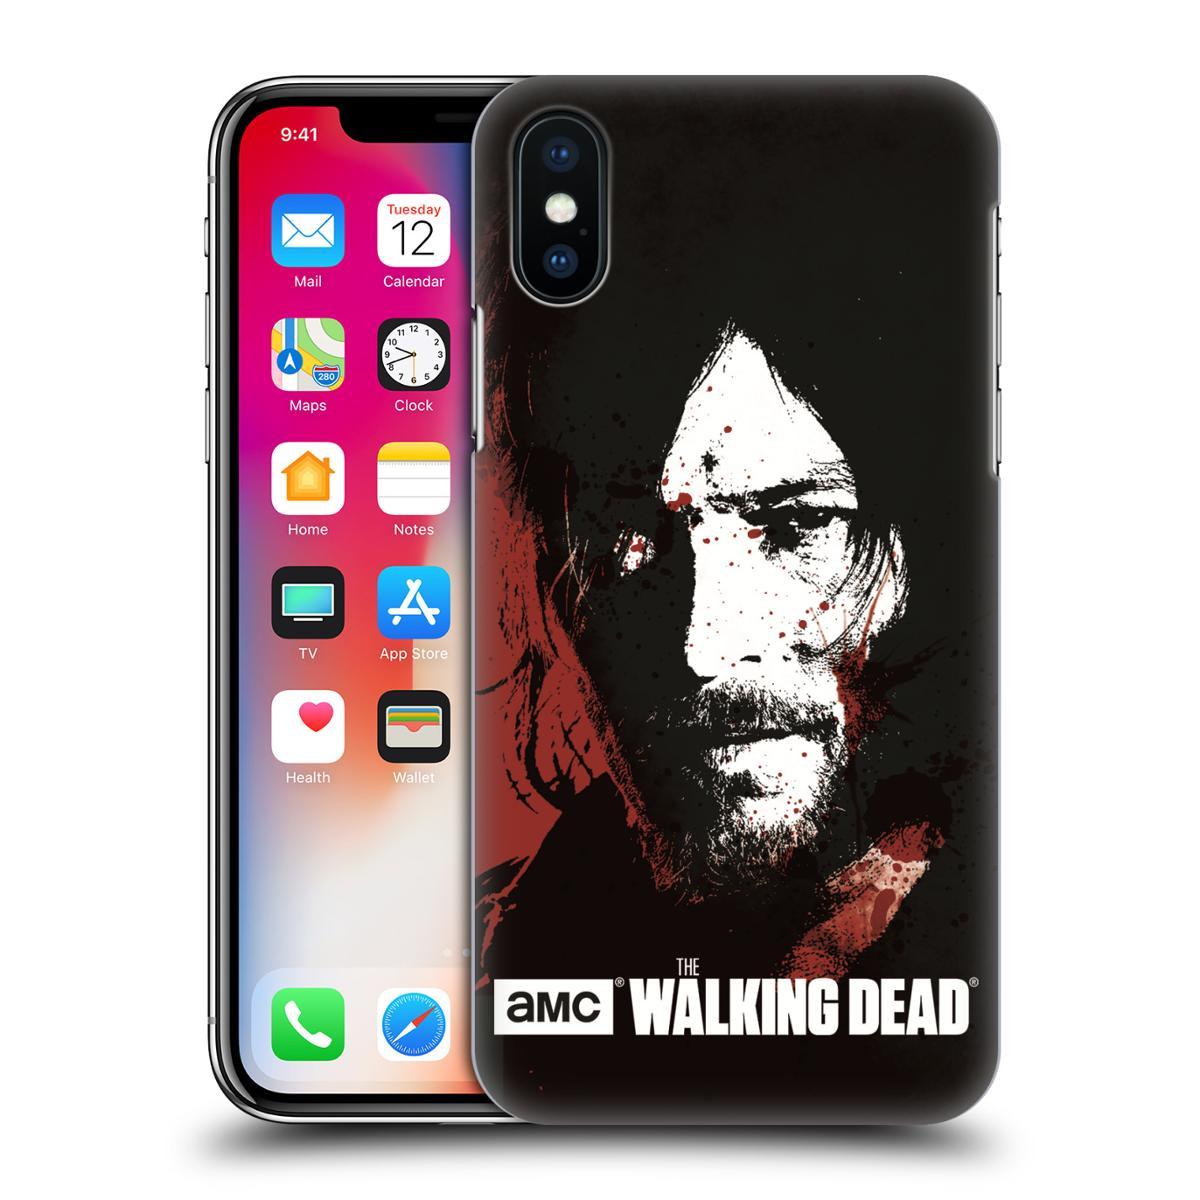 スマートフォン・携帯電話用アクセサリー, ケース・カバー  AMC THE WALKING DEAD APPLE IPHONE